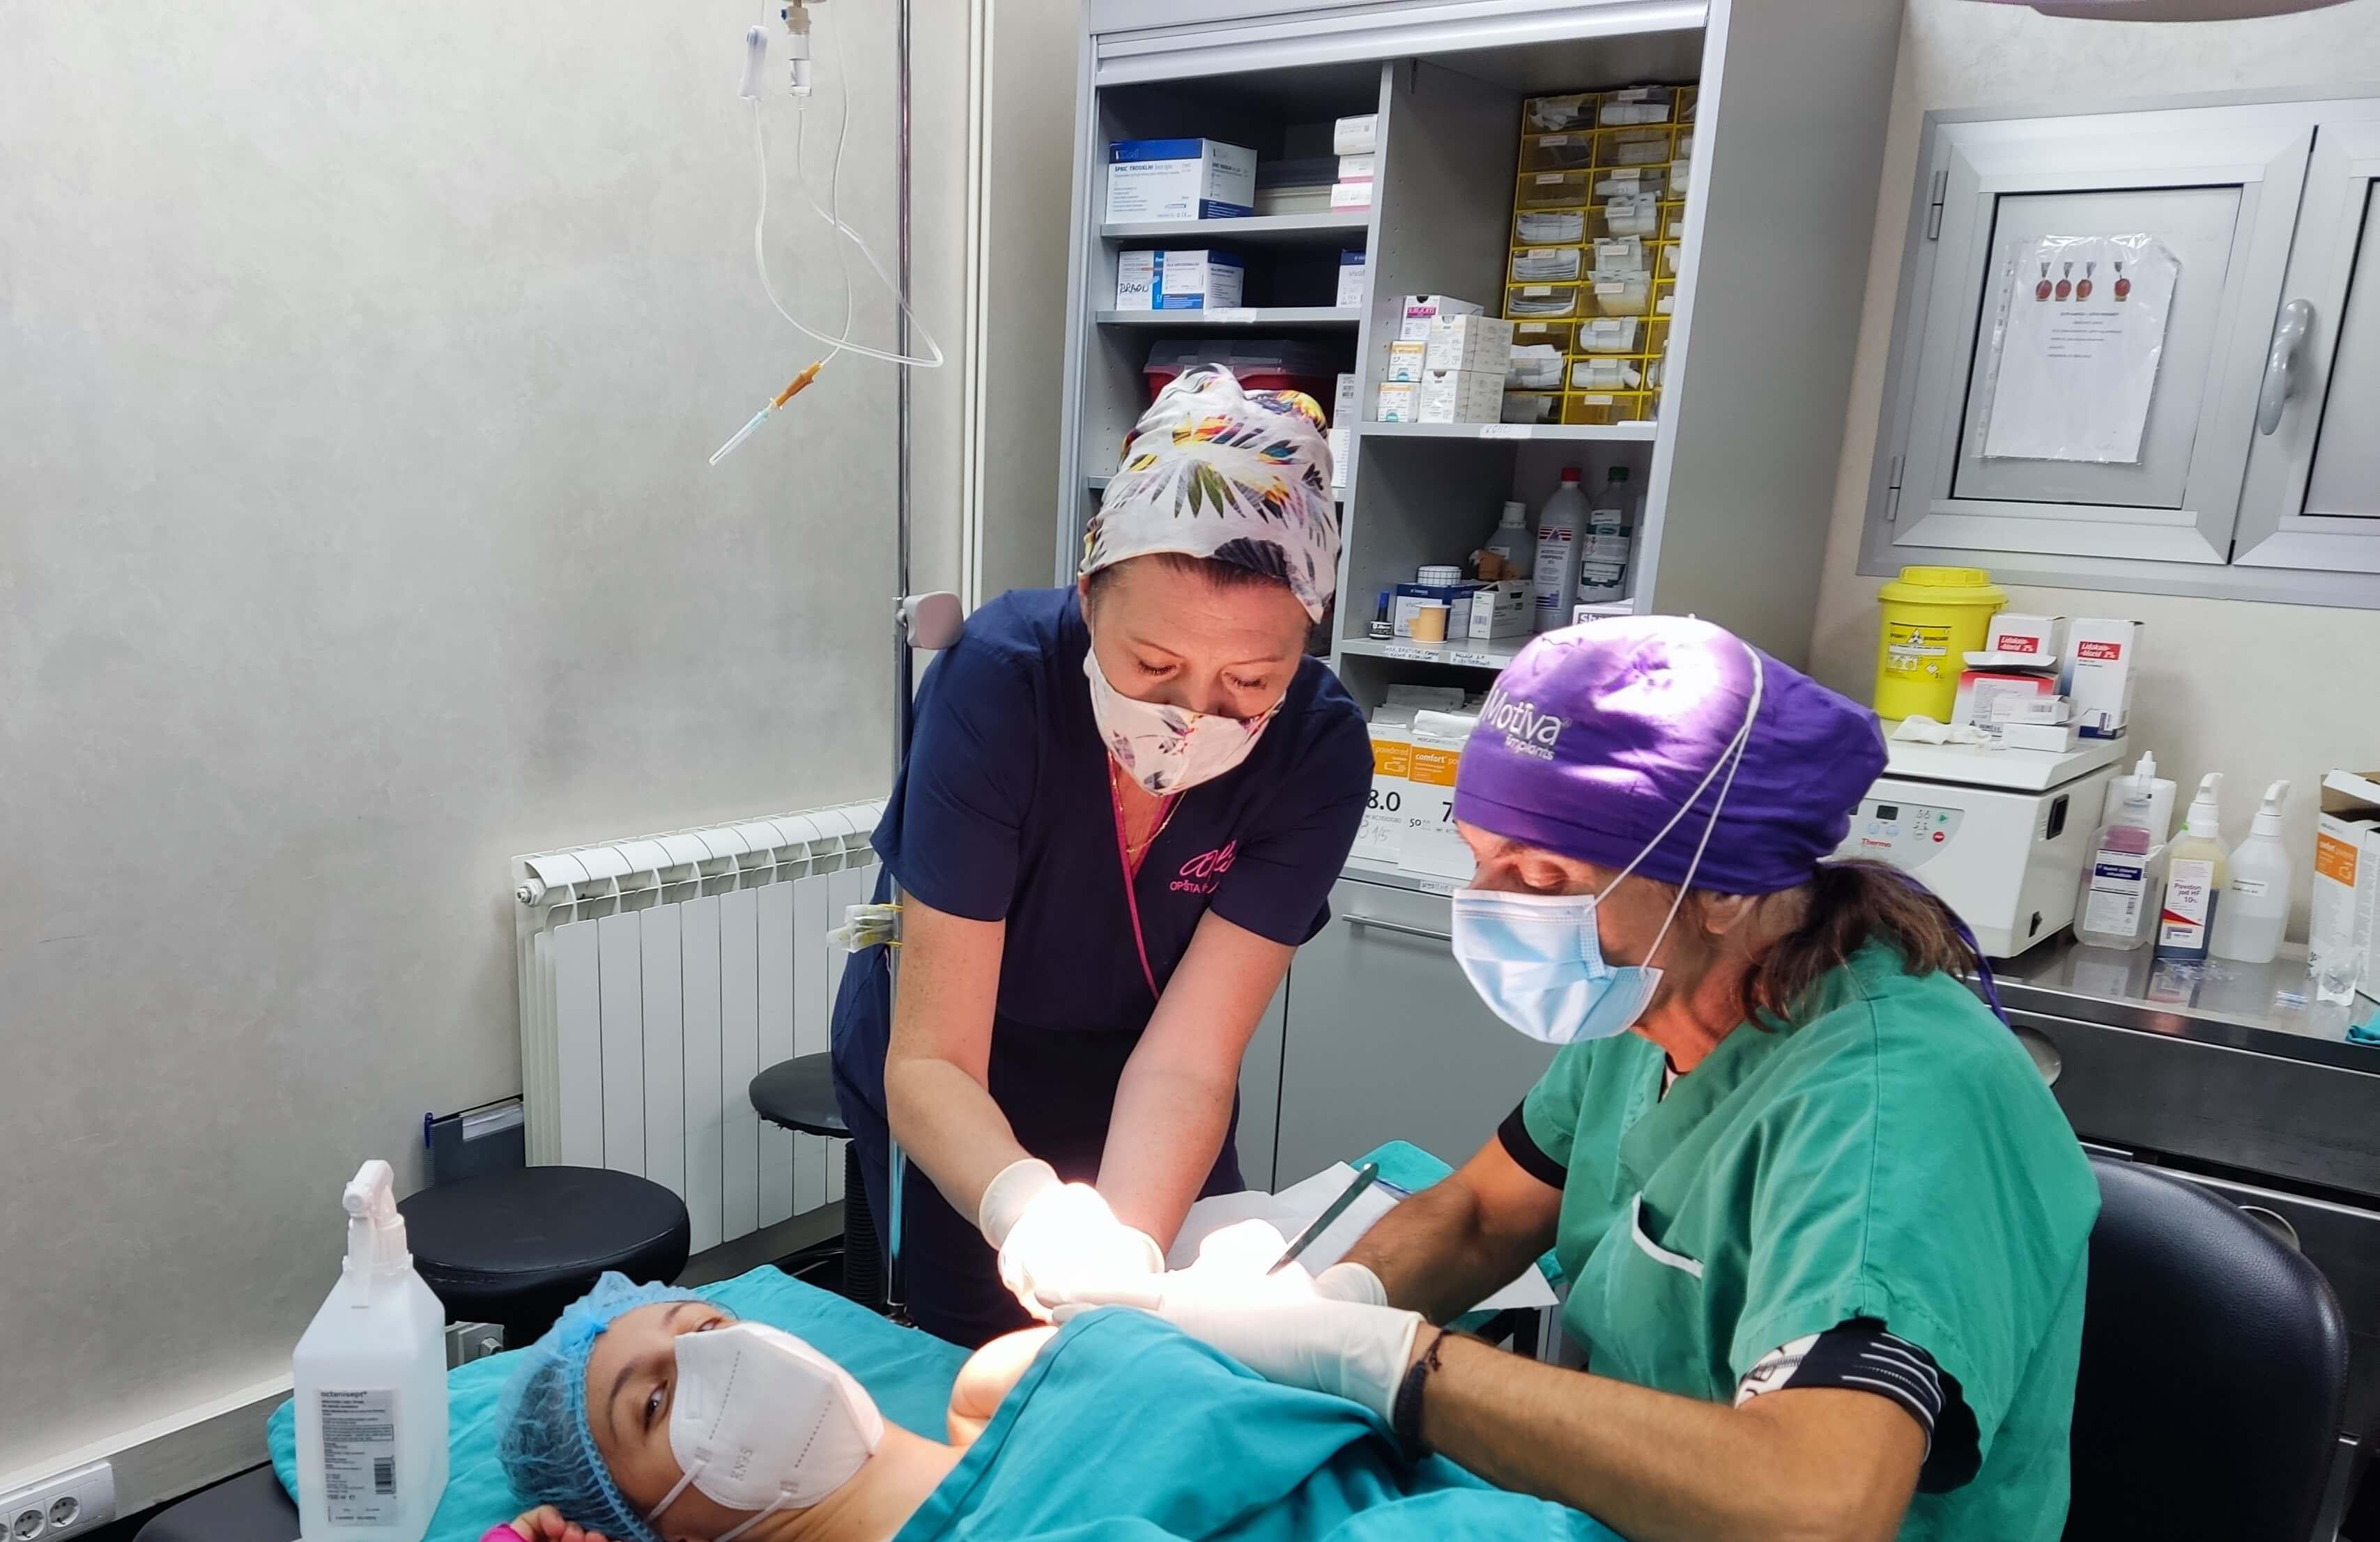 I naša instrumentarka @marinkoviceva_mala je bila naš pacijent...